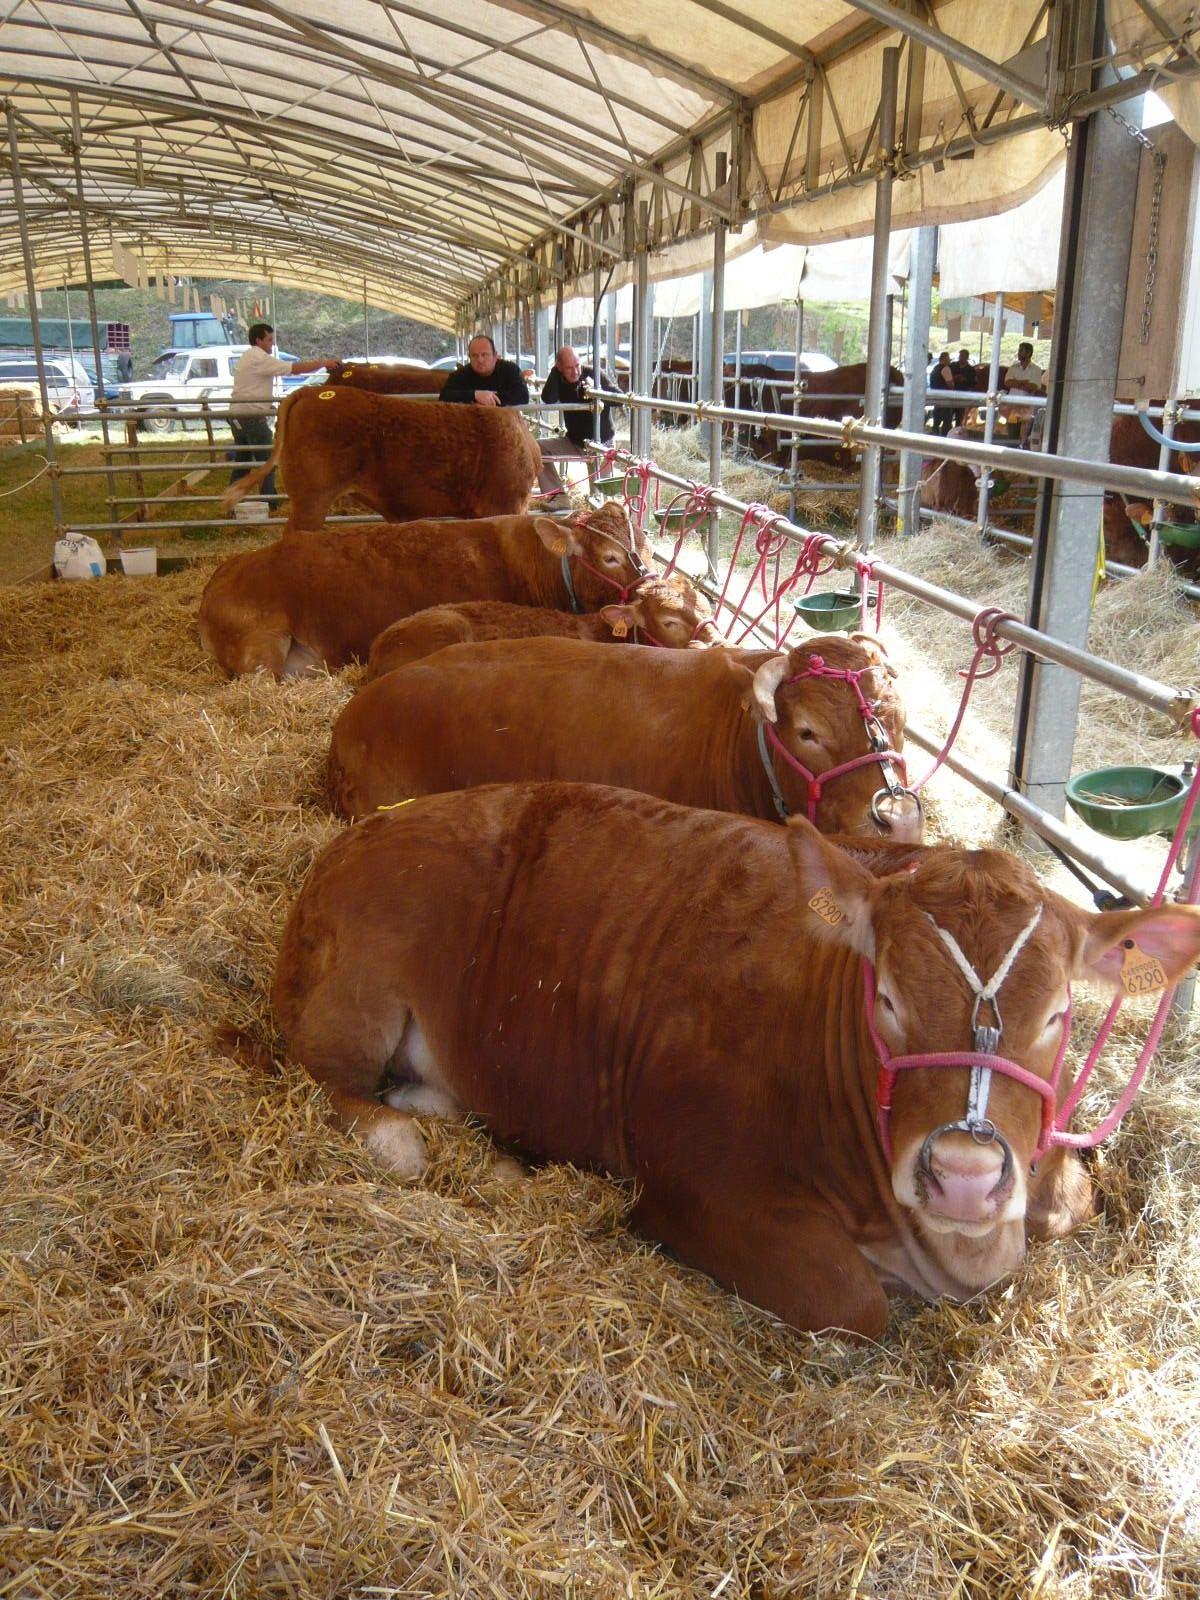 圧巻の牛たち、可愛いヤギや羊、珍品種のハトまで勢ぞろい